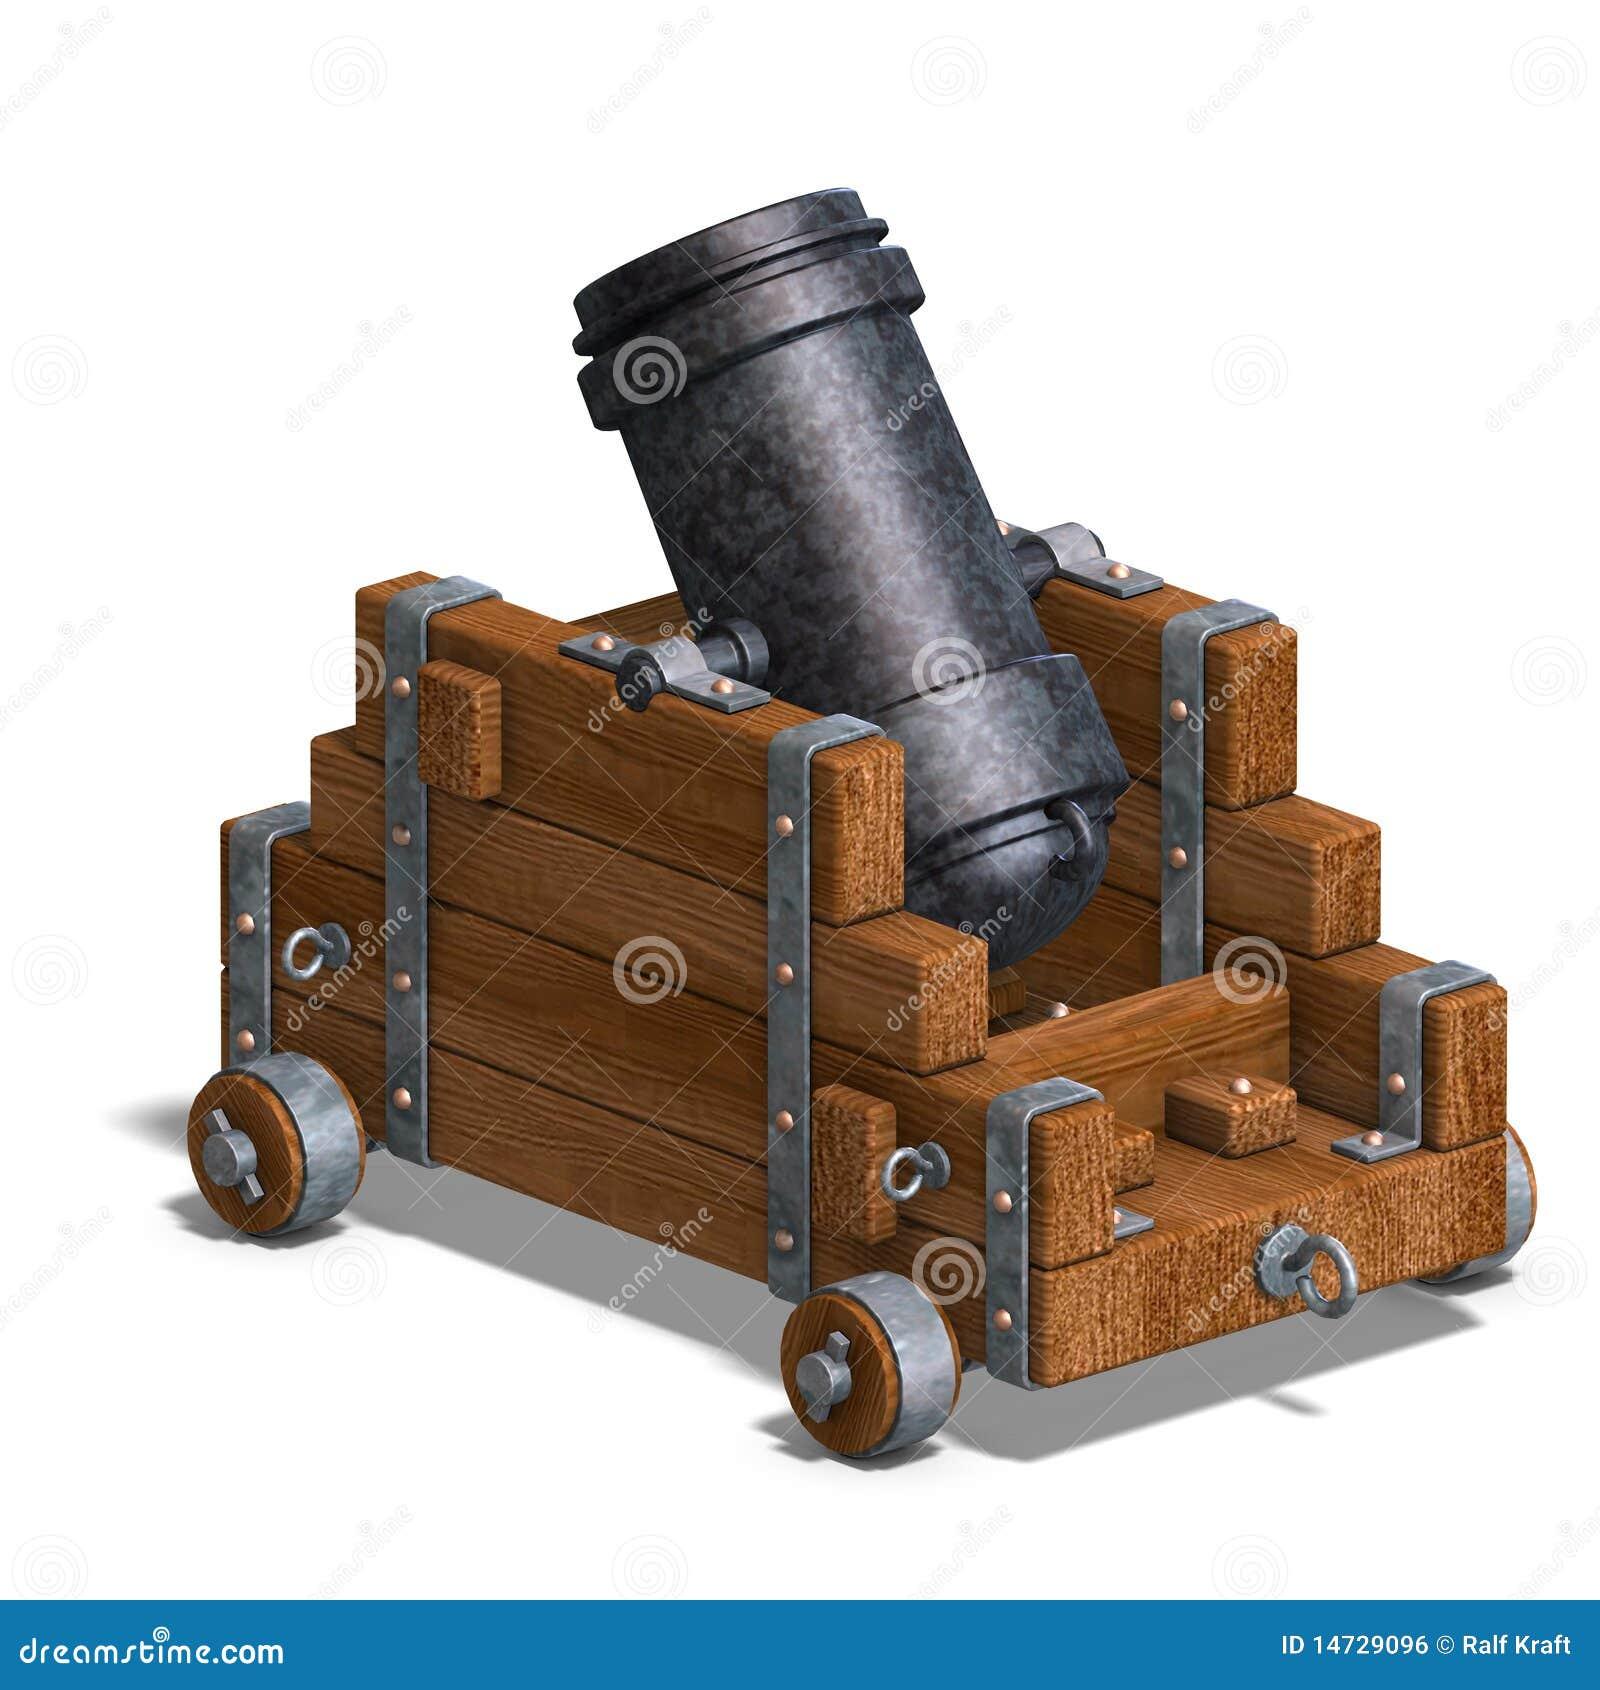 Canon ballistique de mortier